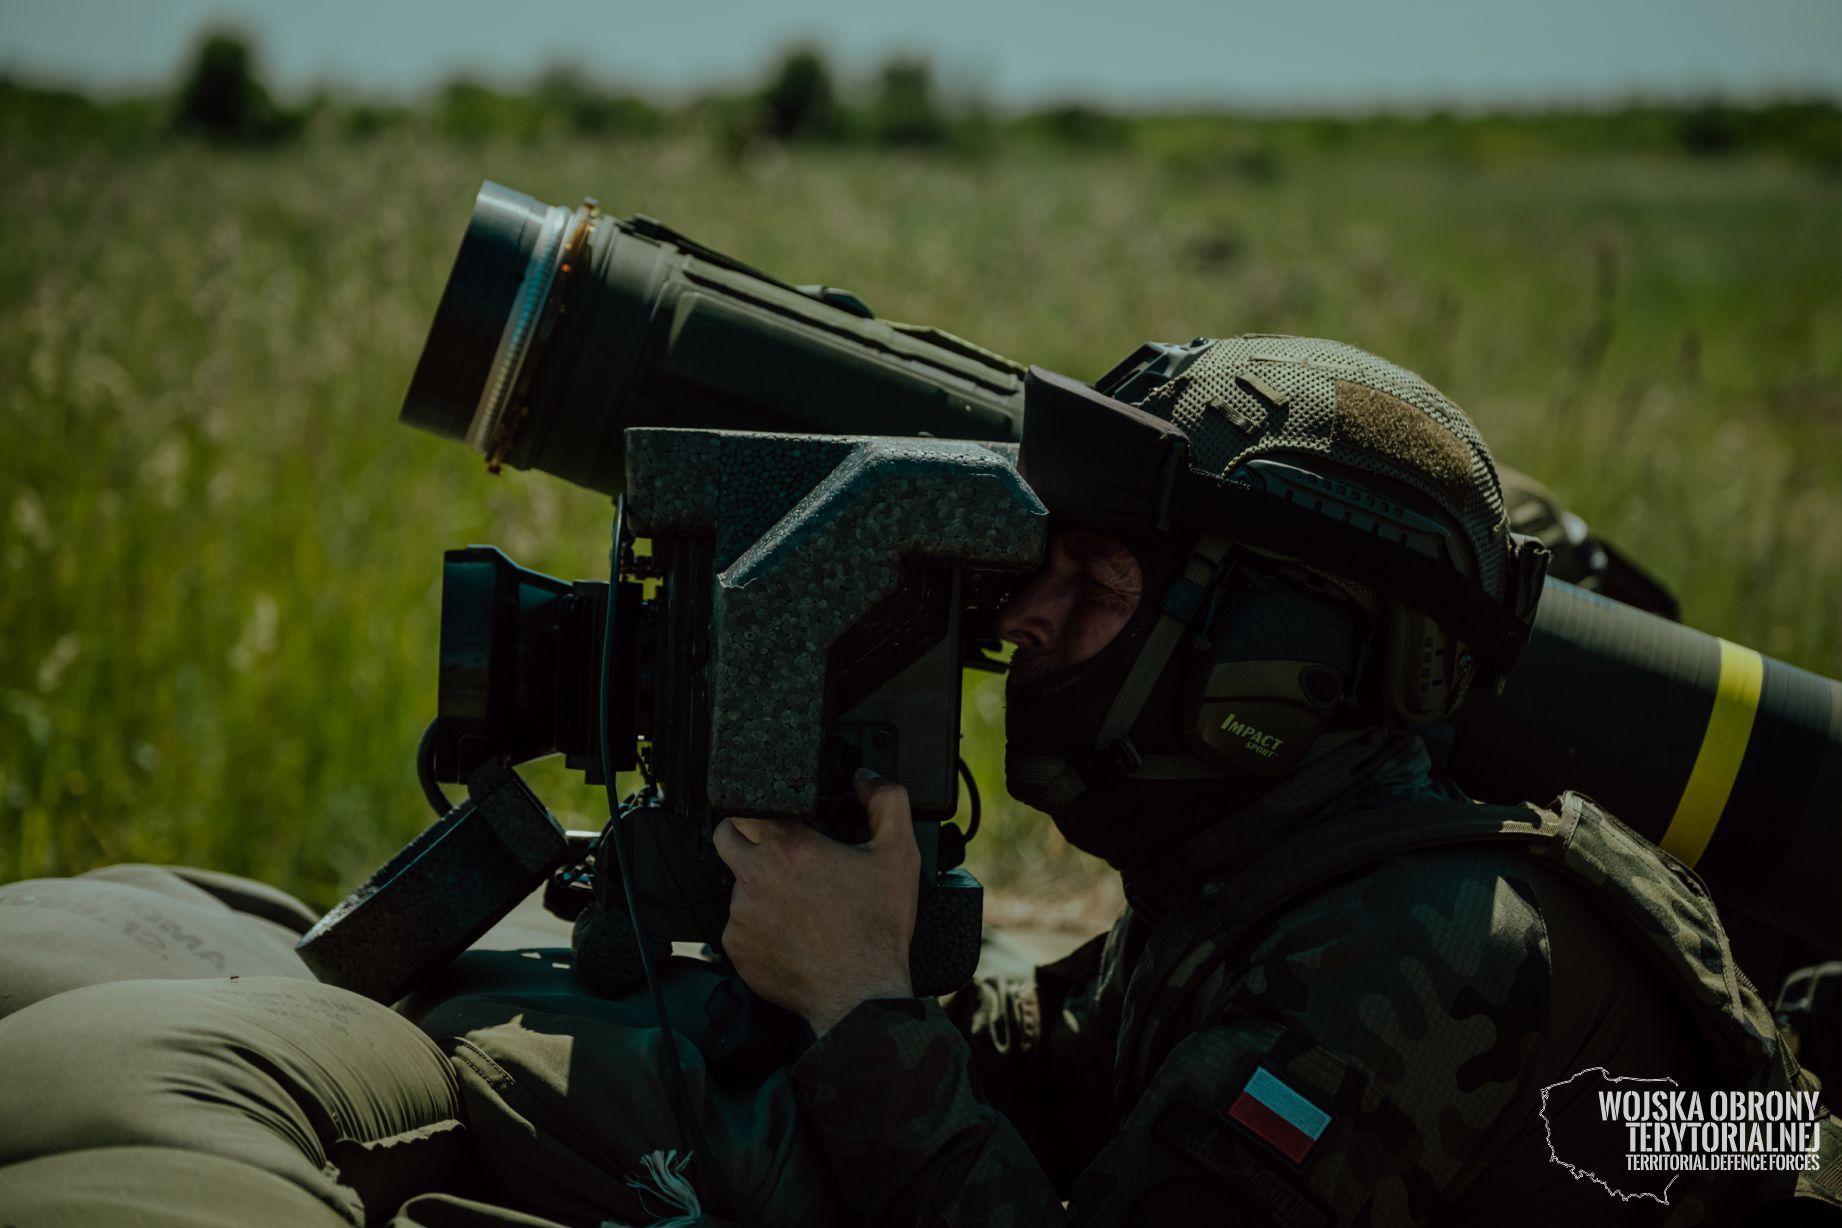 Województwo lubelskie: terytorialsi przeszli kolejne szkolenie. Chodzi o strzelanie z systemu JAVELIN - Zdjęcie główne